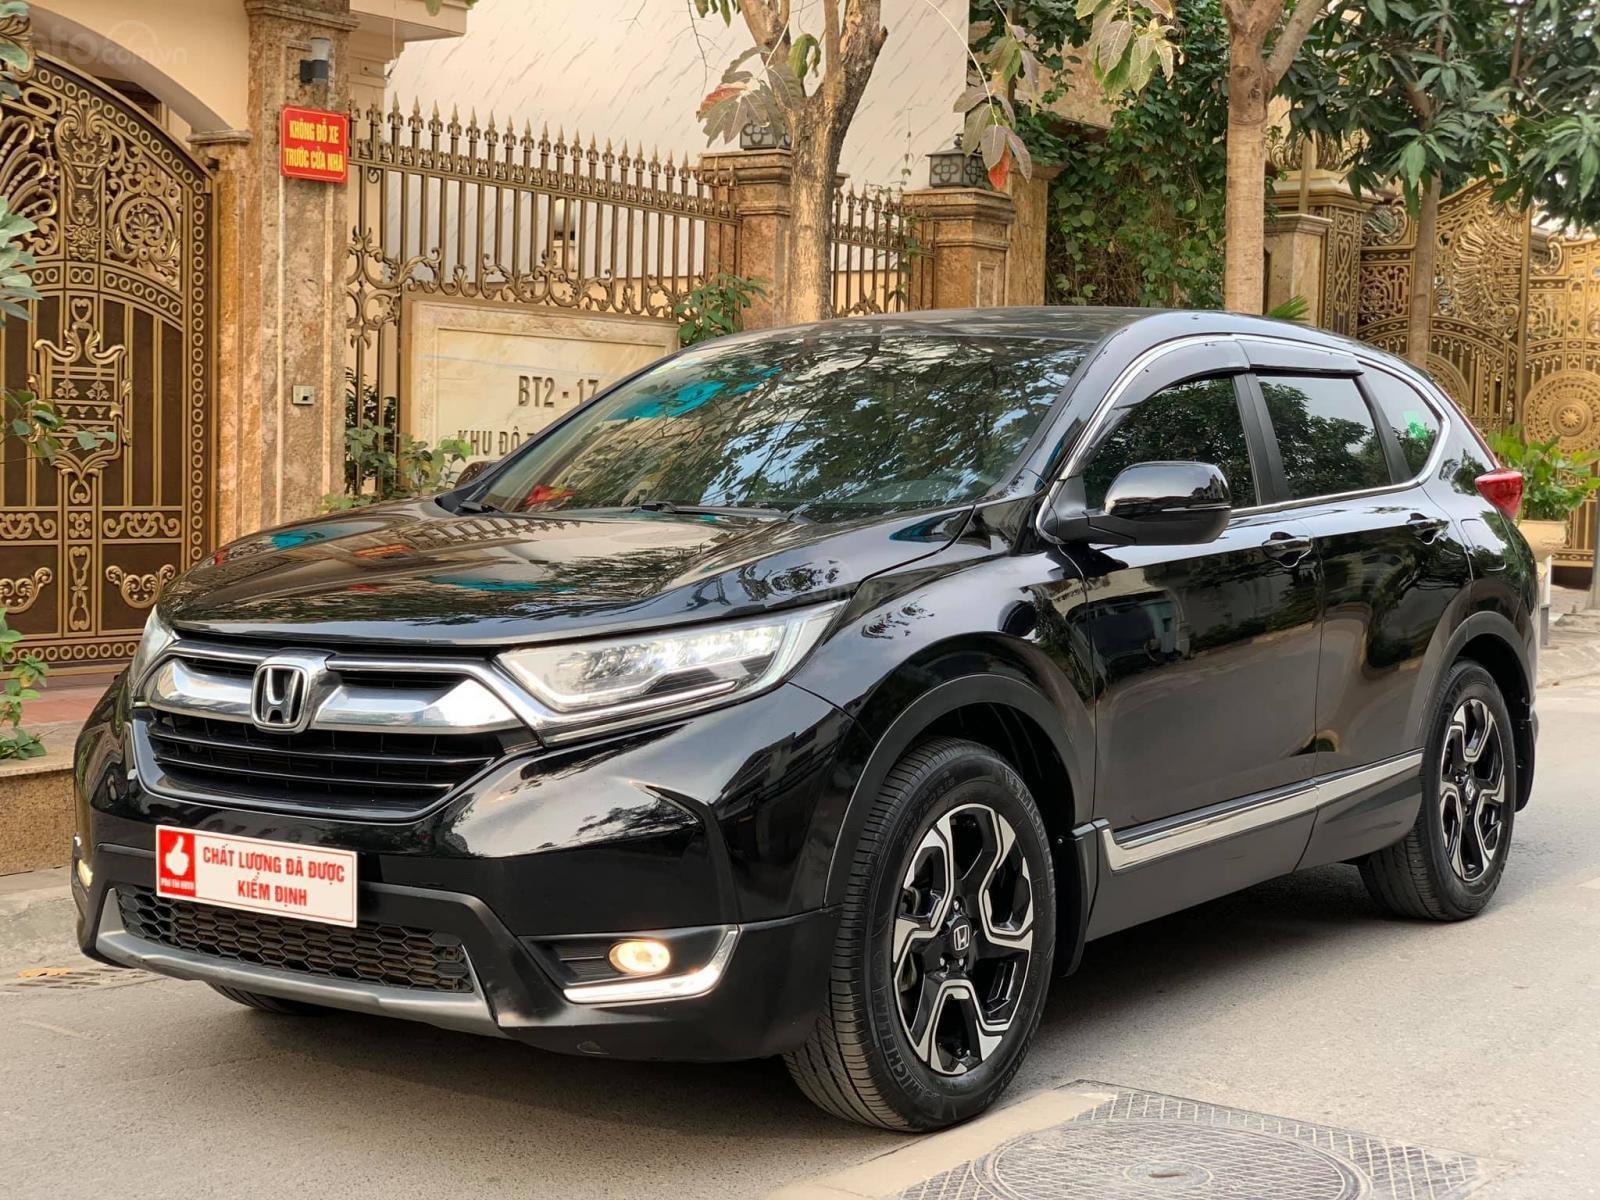 Bán xe Honda CR-V G 1.5AT đời 2018, màu đen, nhập khẩu nguyên chiếc, giá tốt (3)